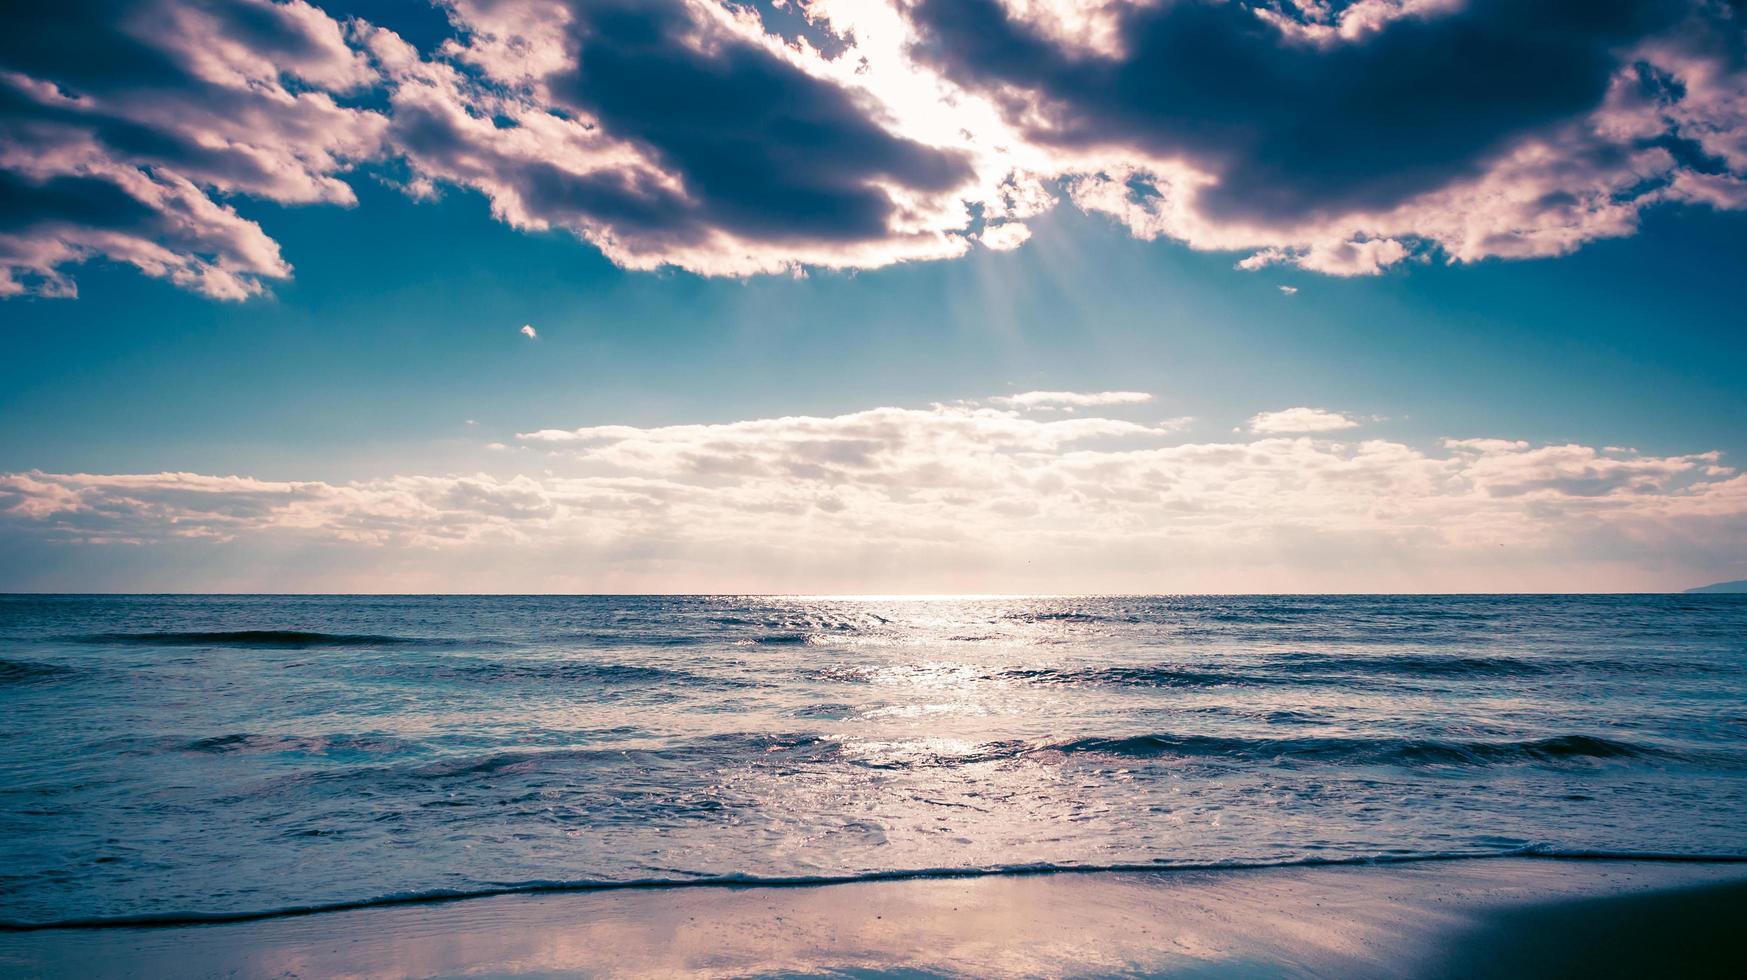 la spiaggia sabbiosa del mare foto